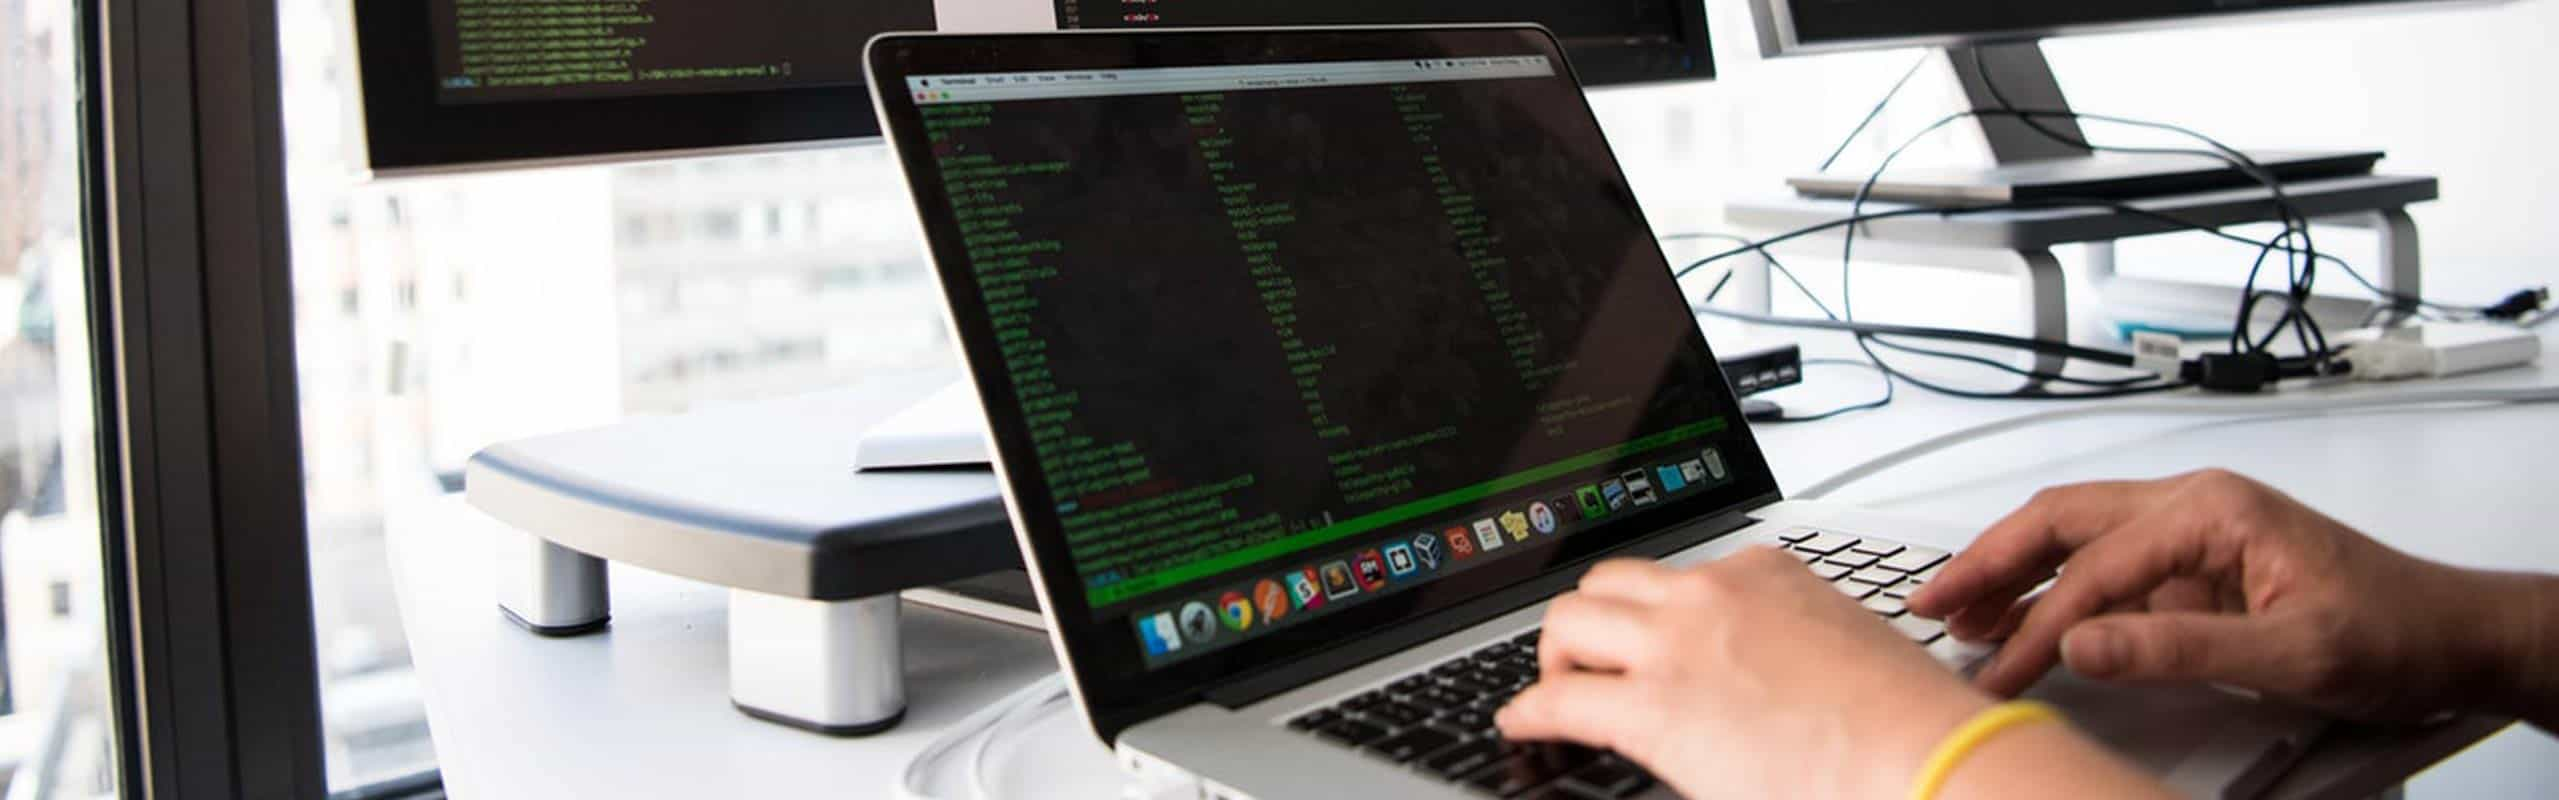 Descubre el programador web y sus funciones